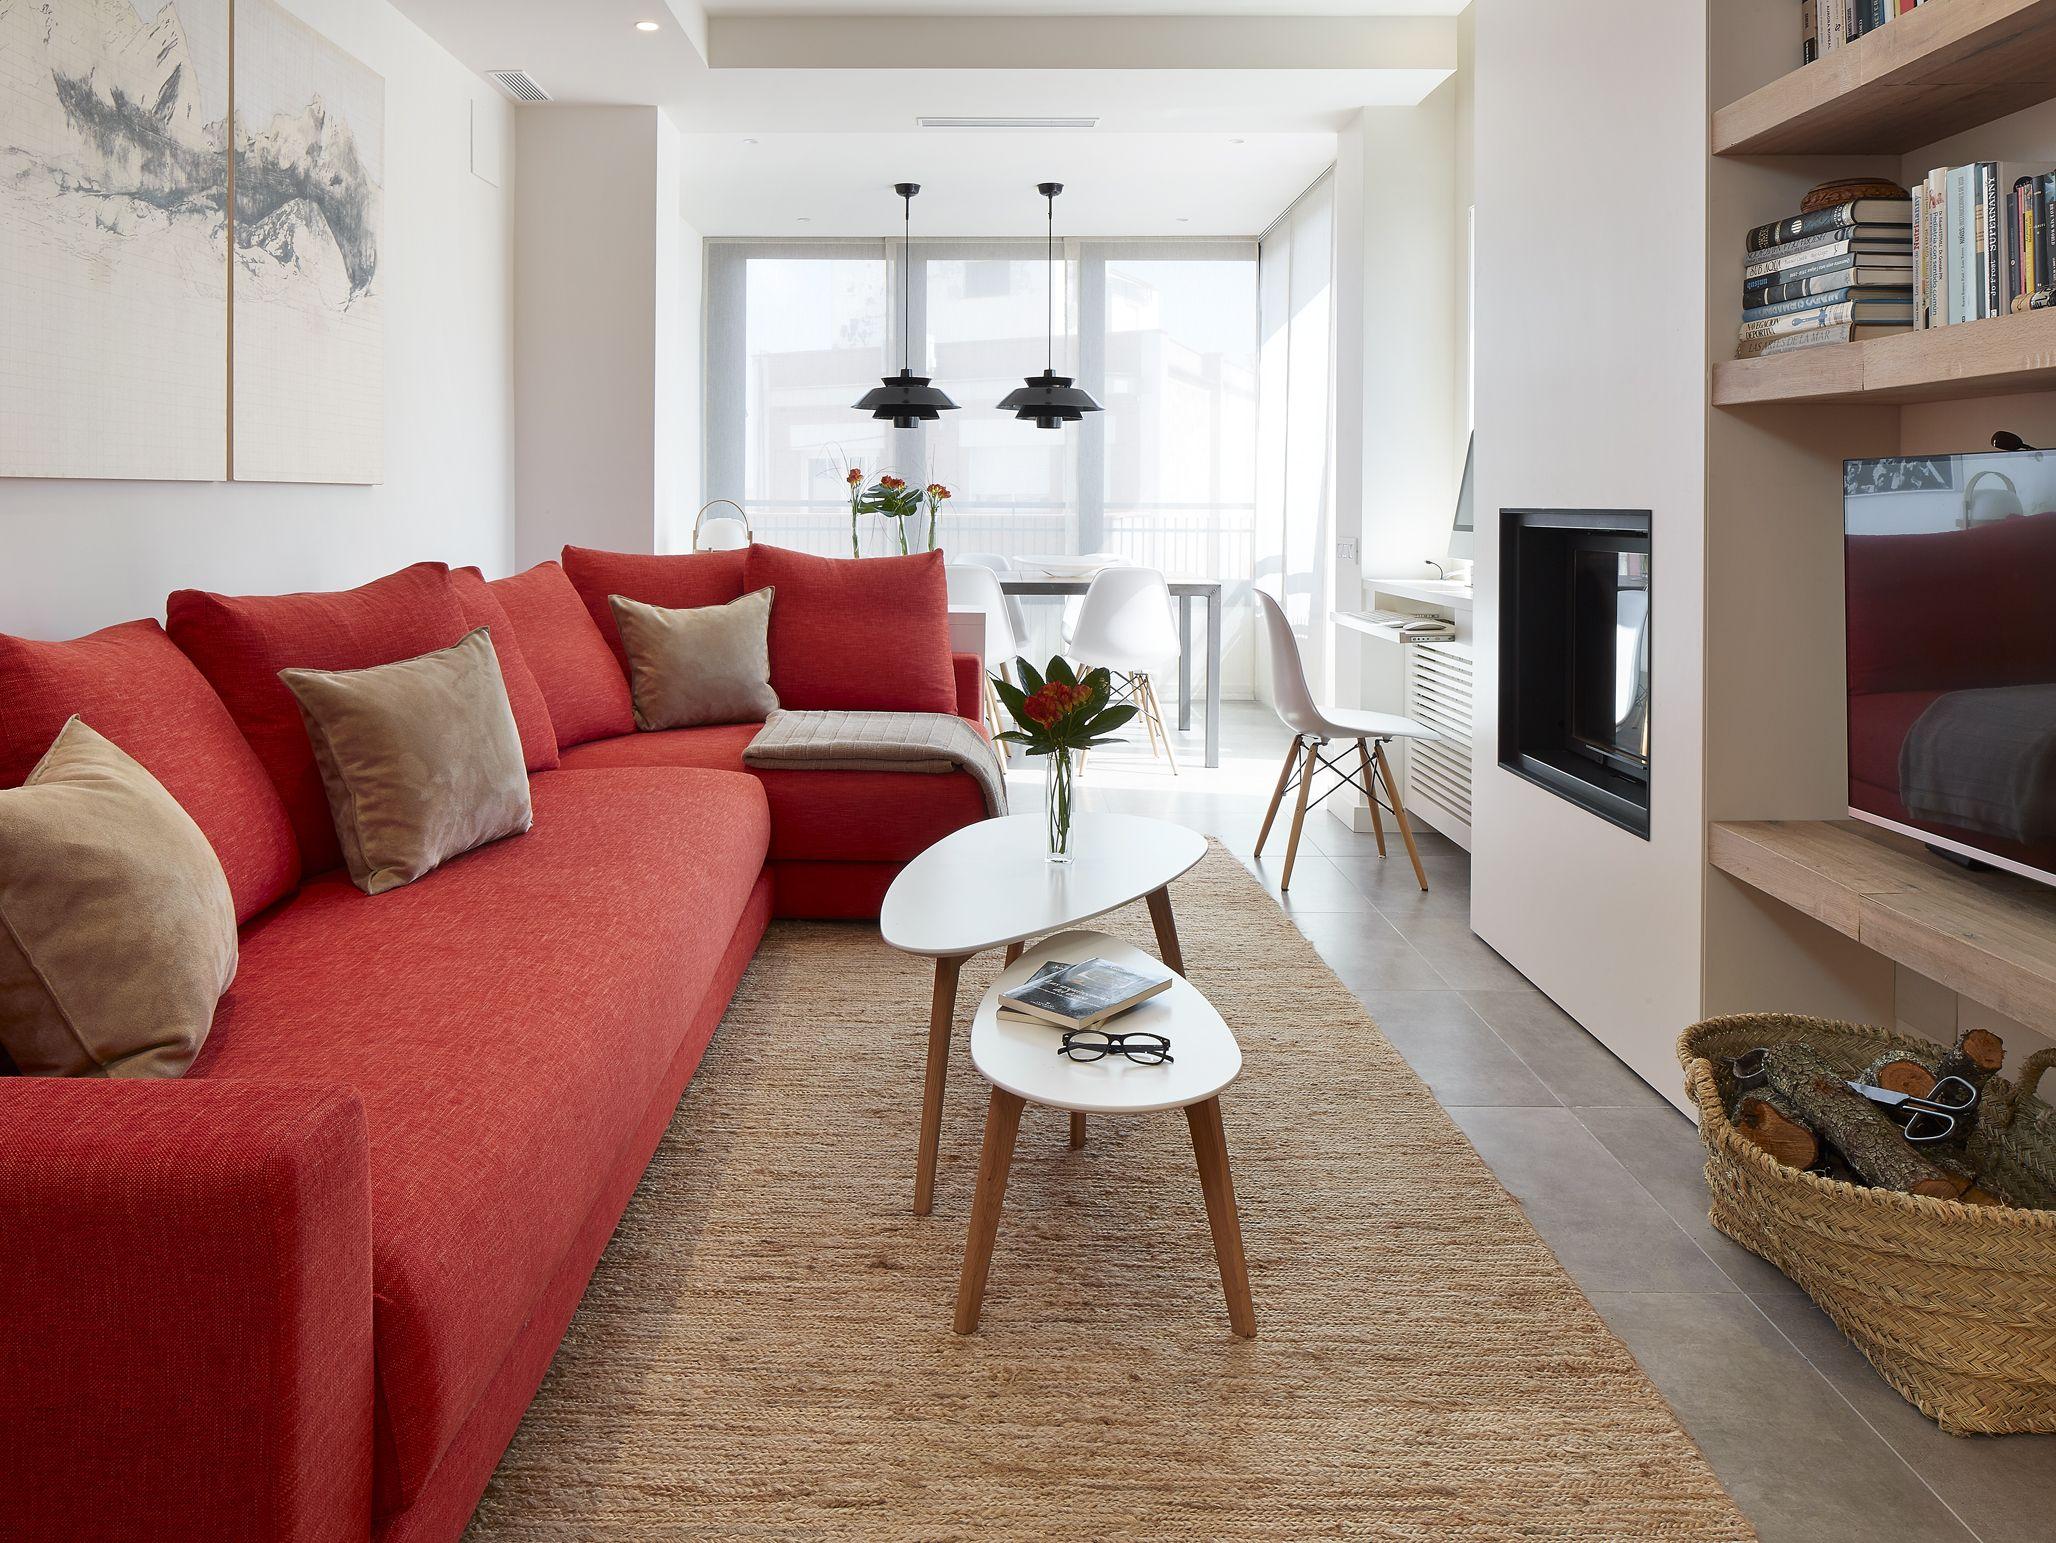 Molinsdesign dise os de salon moderno arquitecturadeinteriores salonesmodernos - Disenos de salones modernos ...